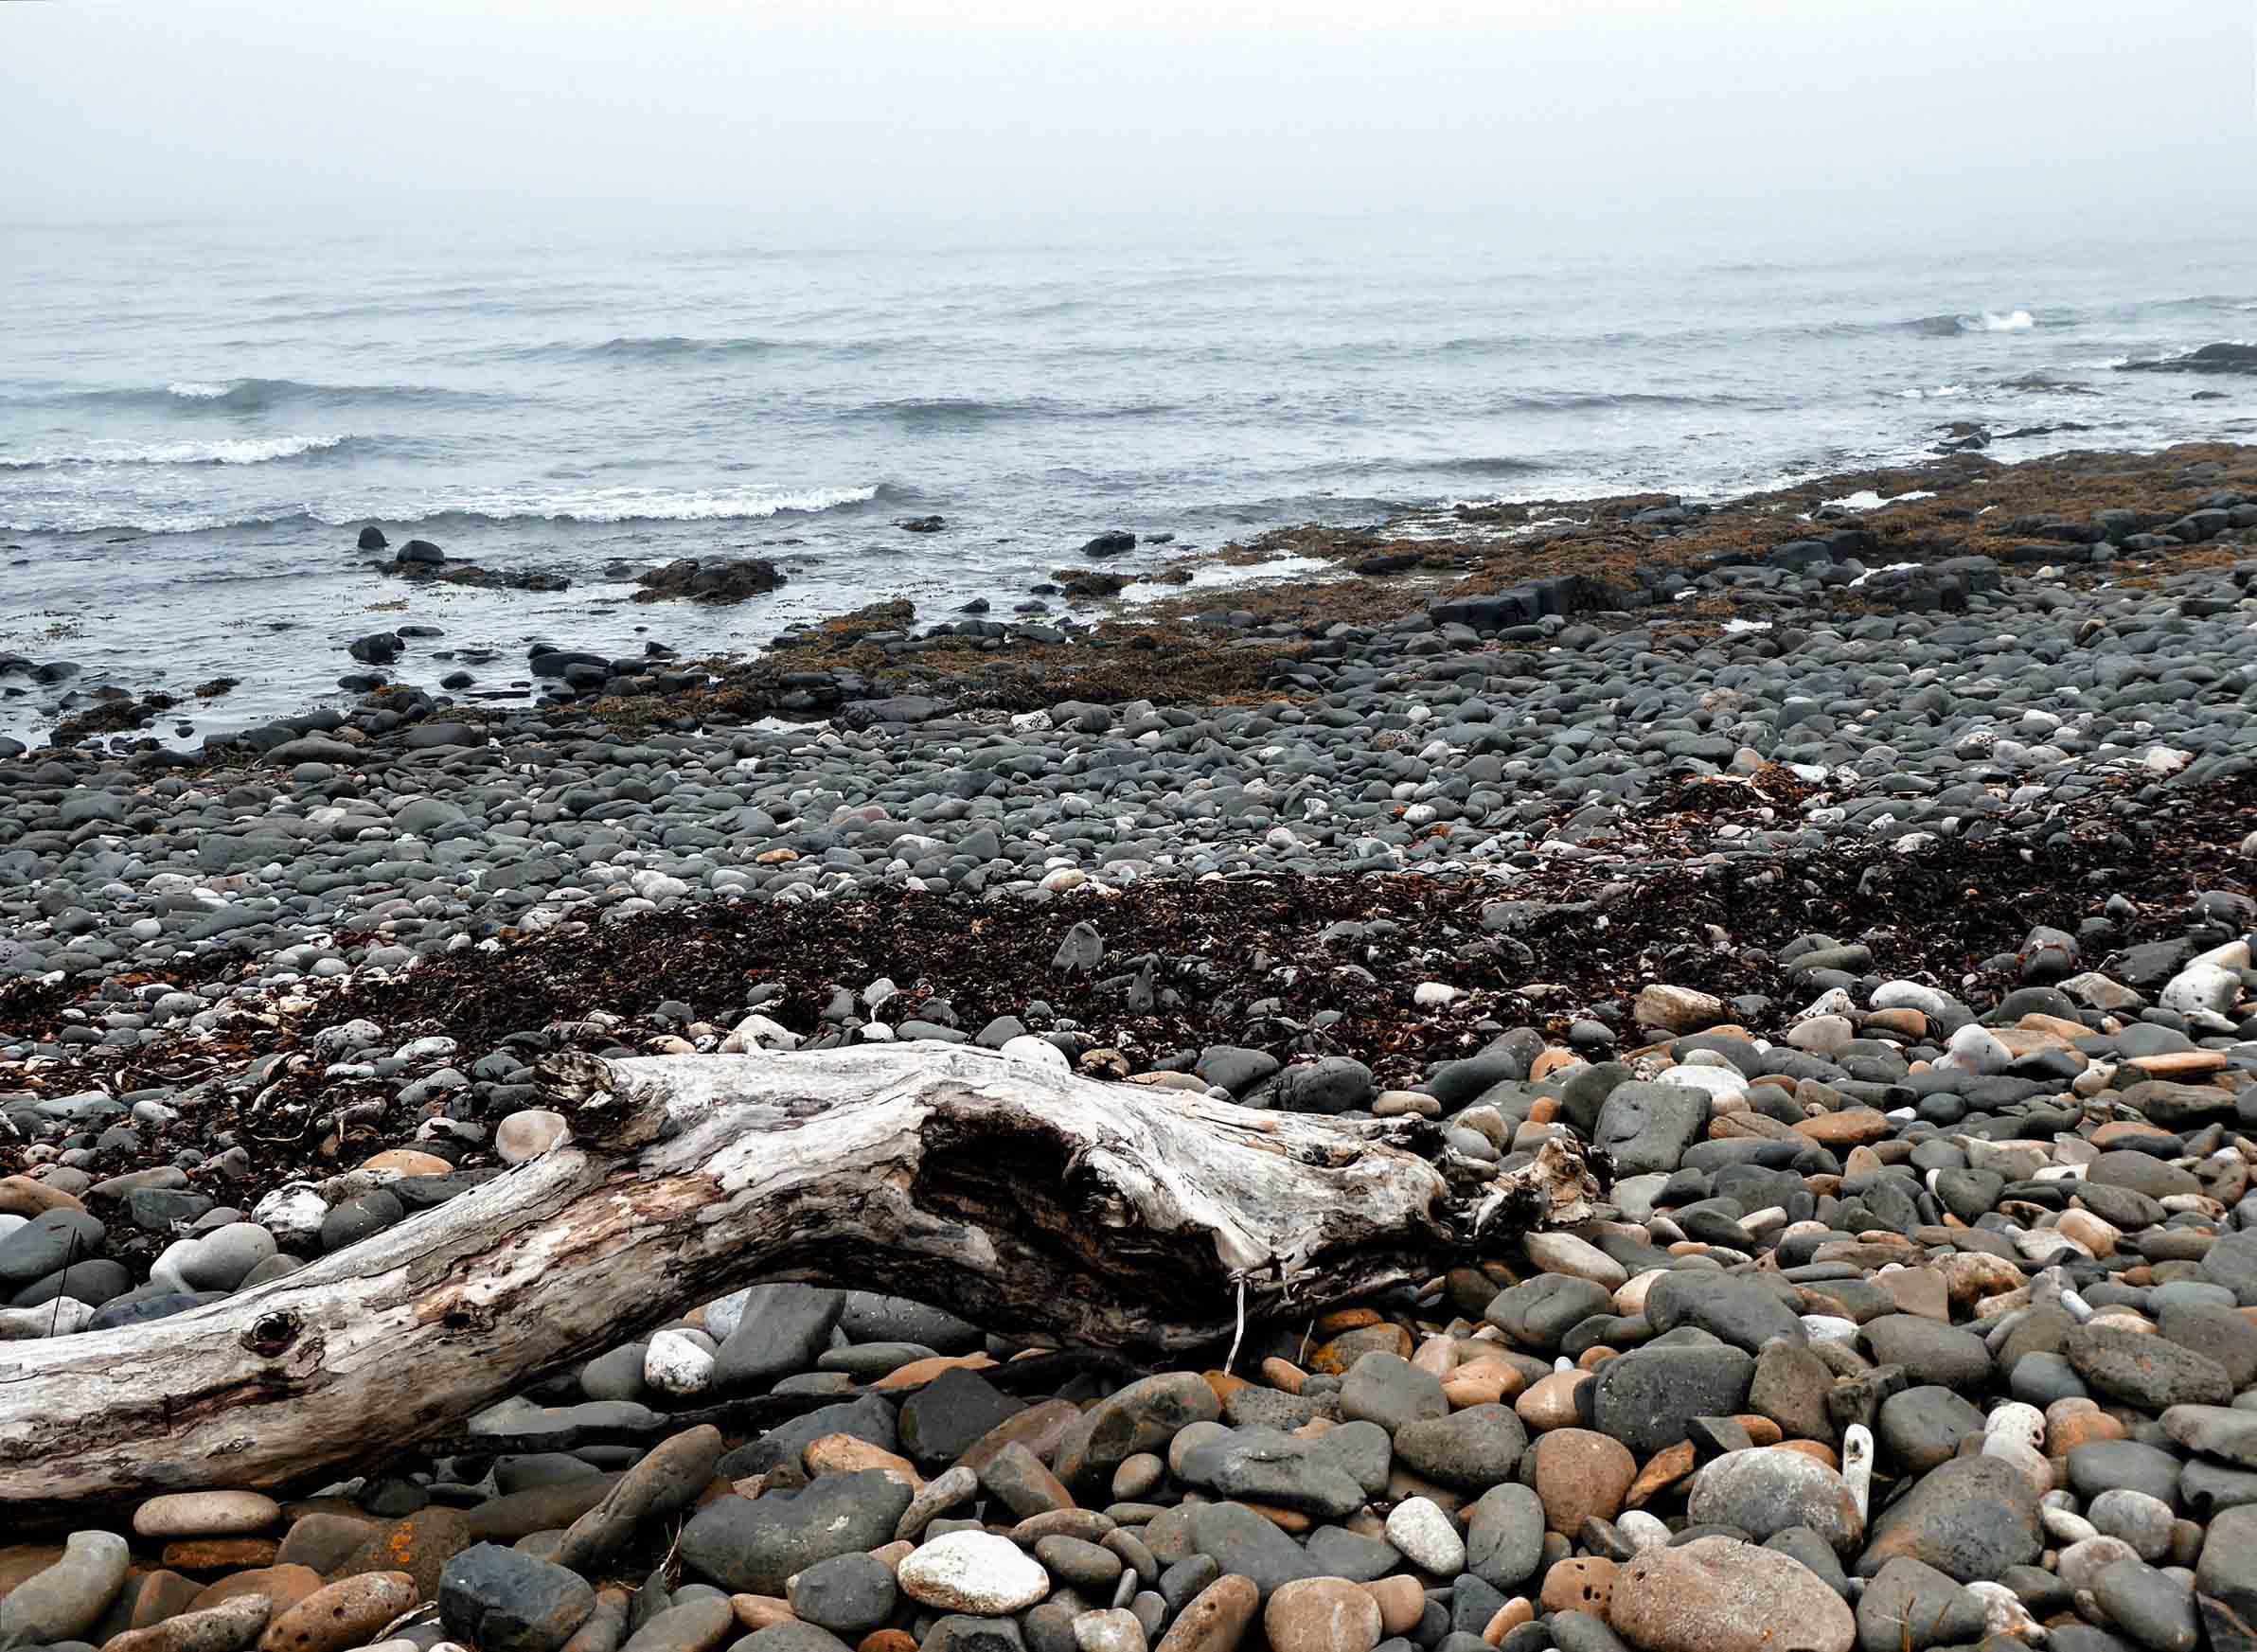 Stony beach and driftwood